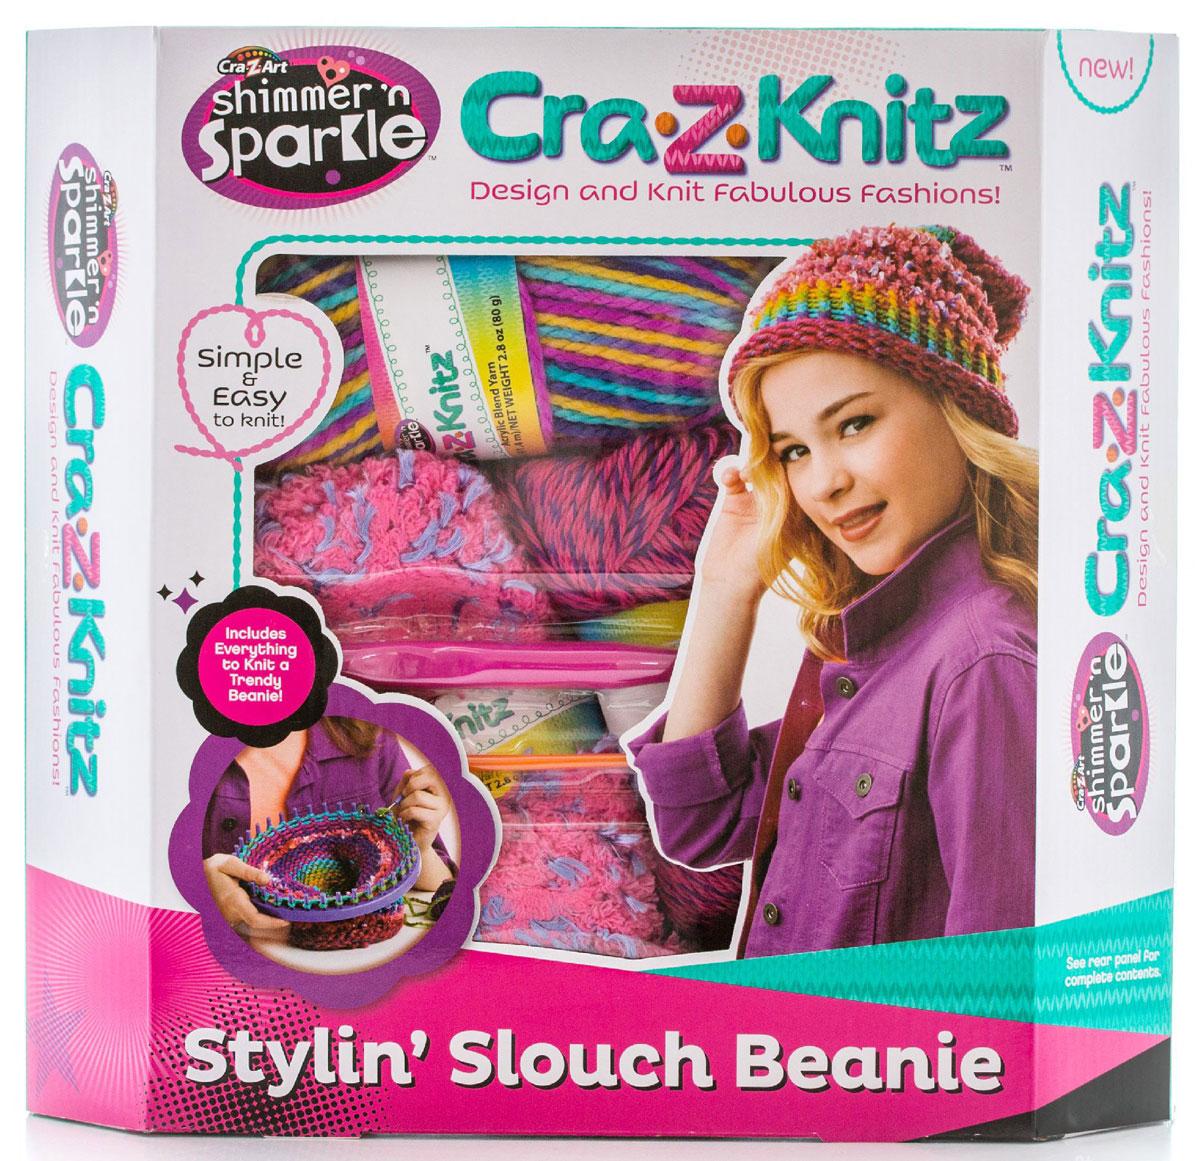 Cra-Z-Knitz Набор для вязания Стильная Шапка-колпак 17436A